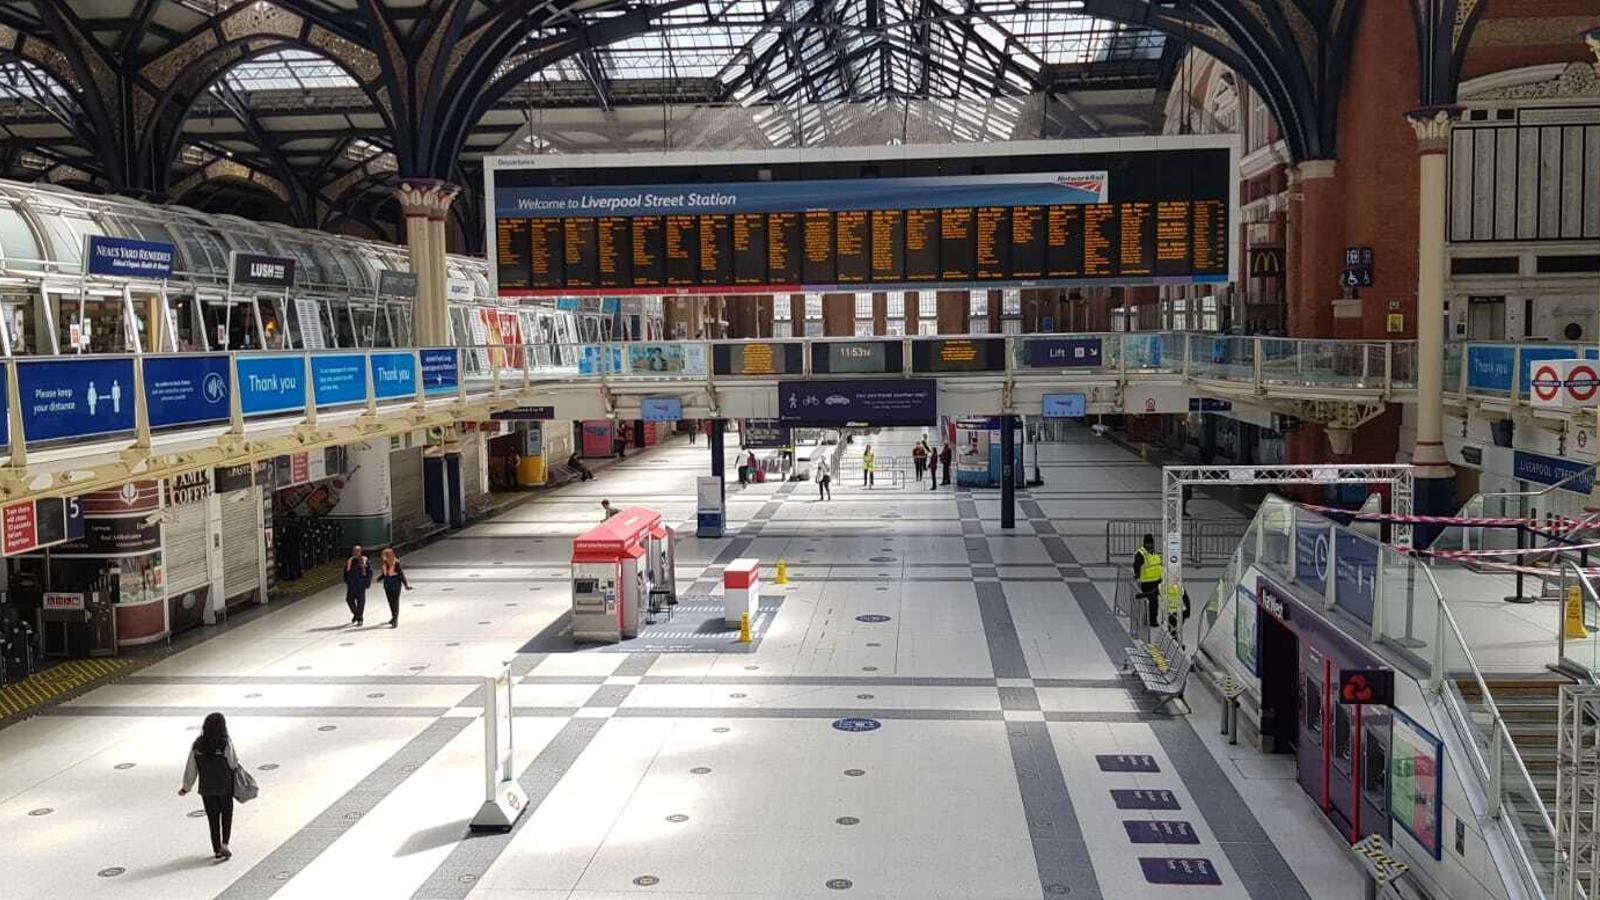 Una imatge de l'estació de Liverpool Street, per la qual passaven habitualment 250.000 persones al dia, el passat 18 de maig, pràcticament deserta a migdia de